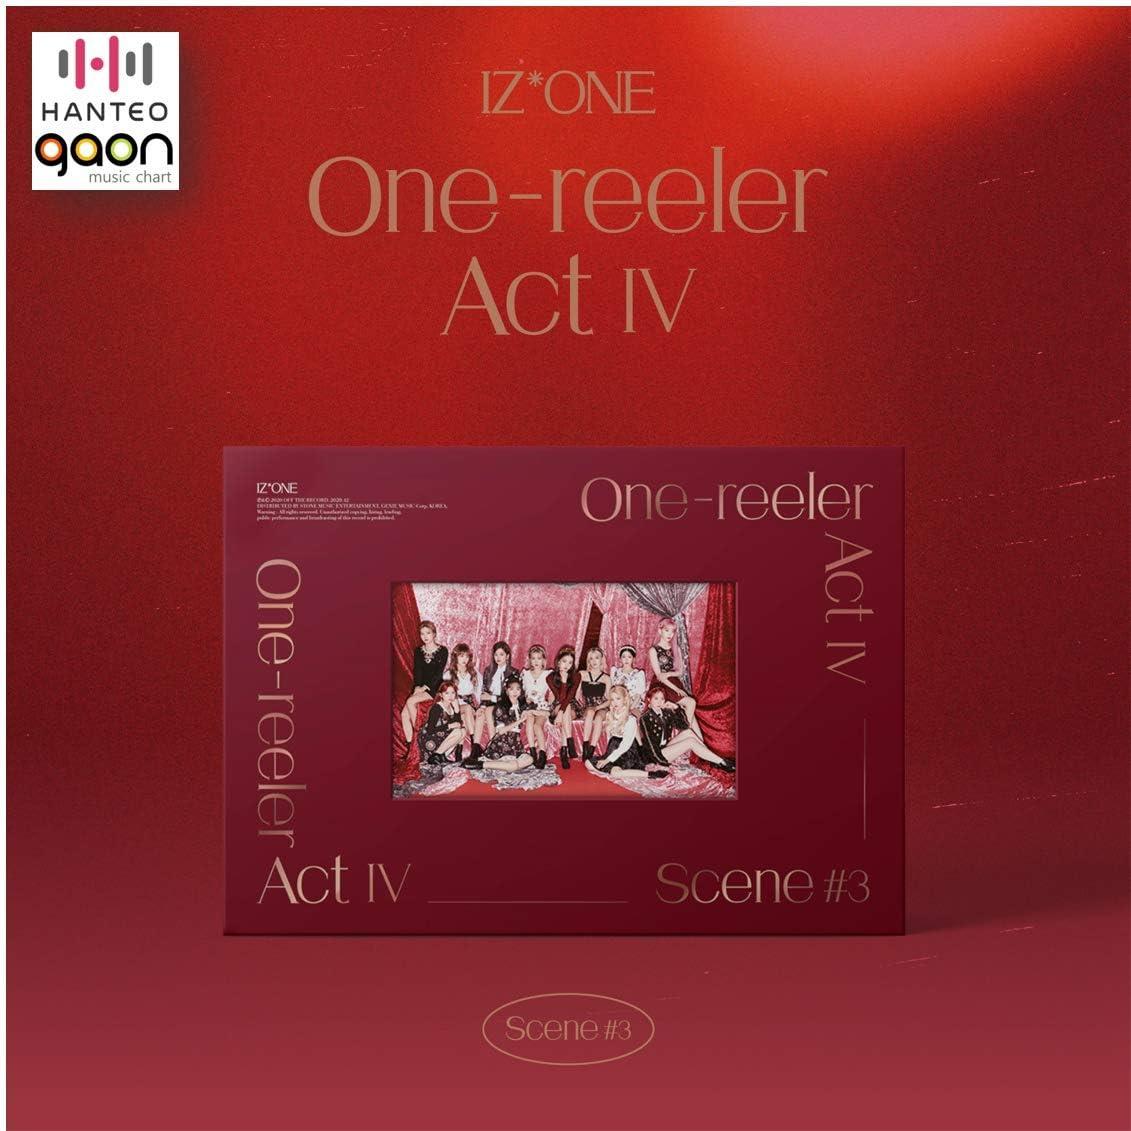 IZONE 全品送料無料 - 'One-Reeler' Act IV Scene #3 輸入 Mini 4th ver. Album